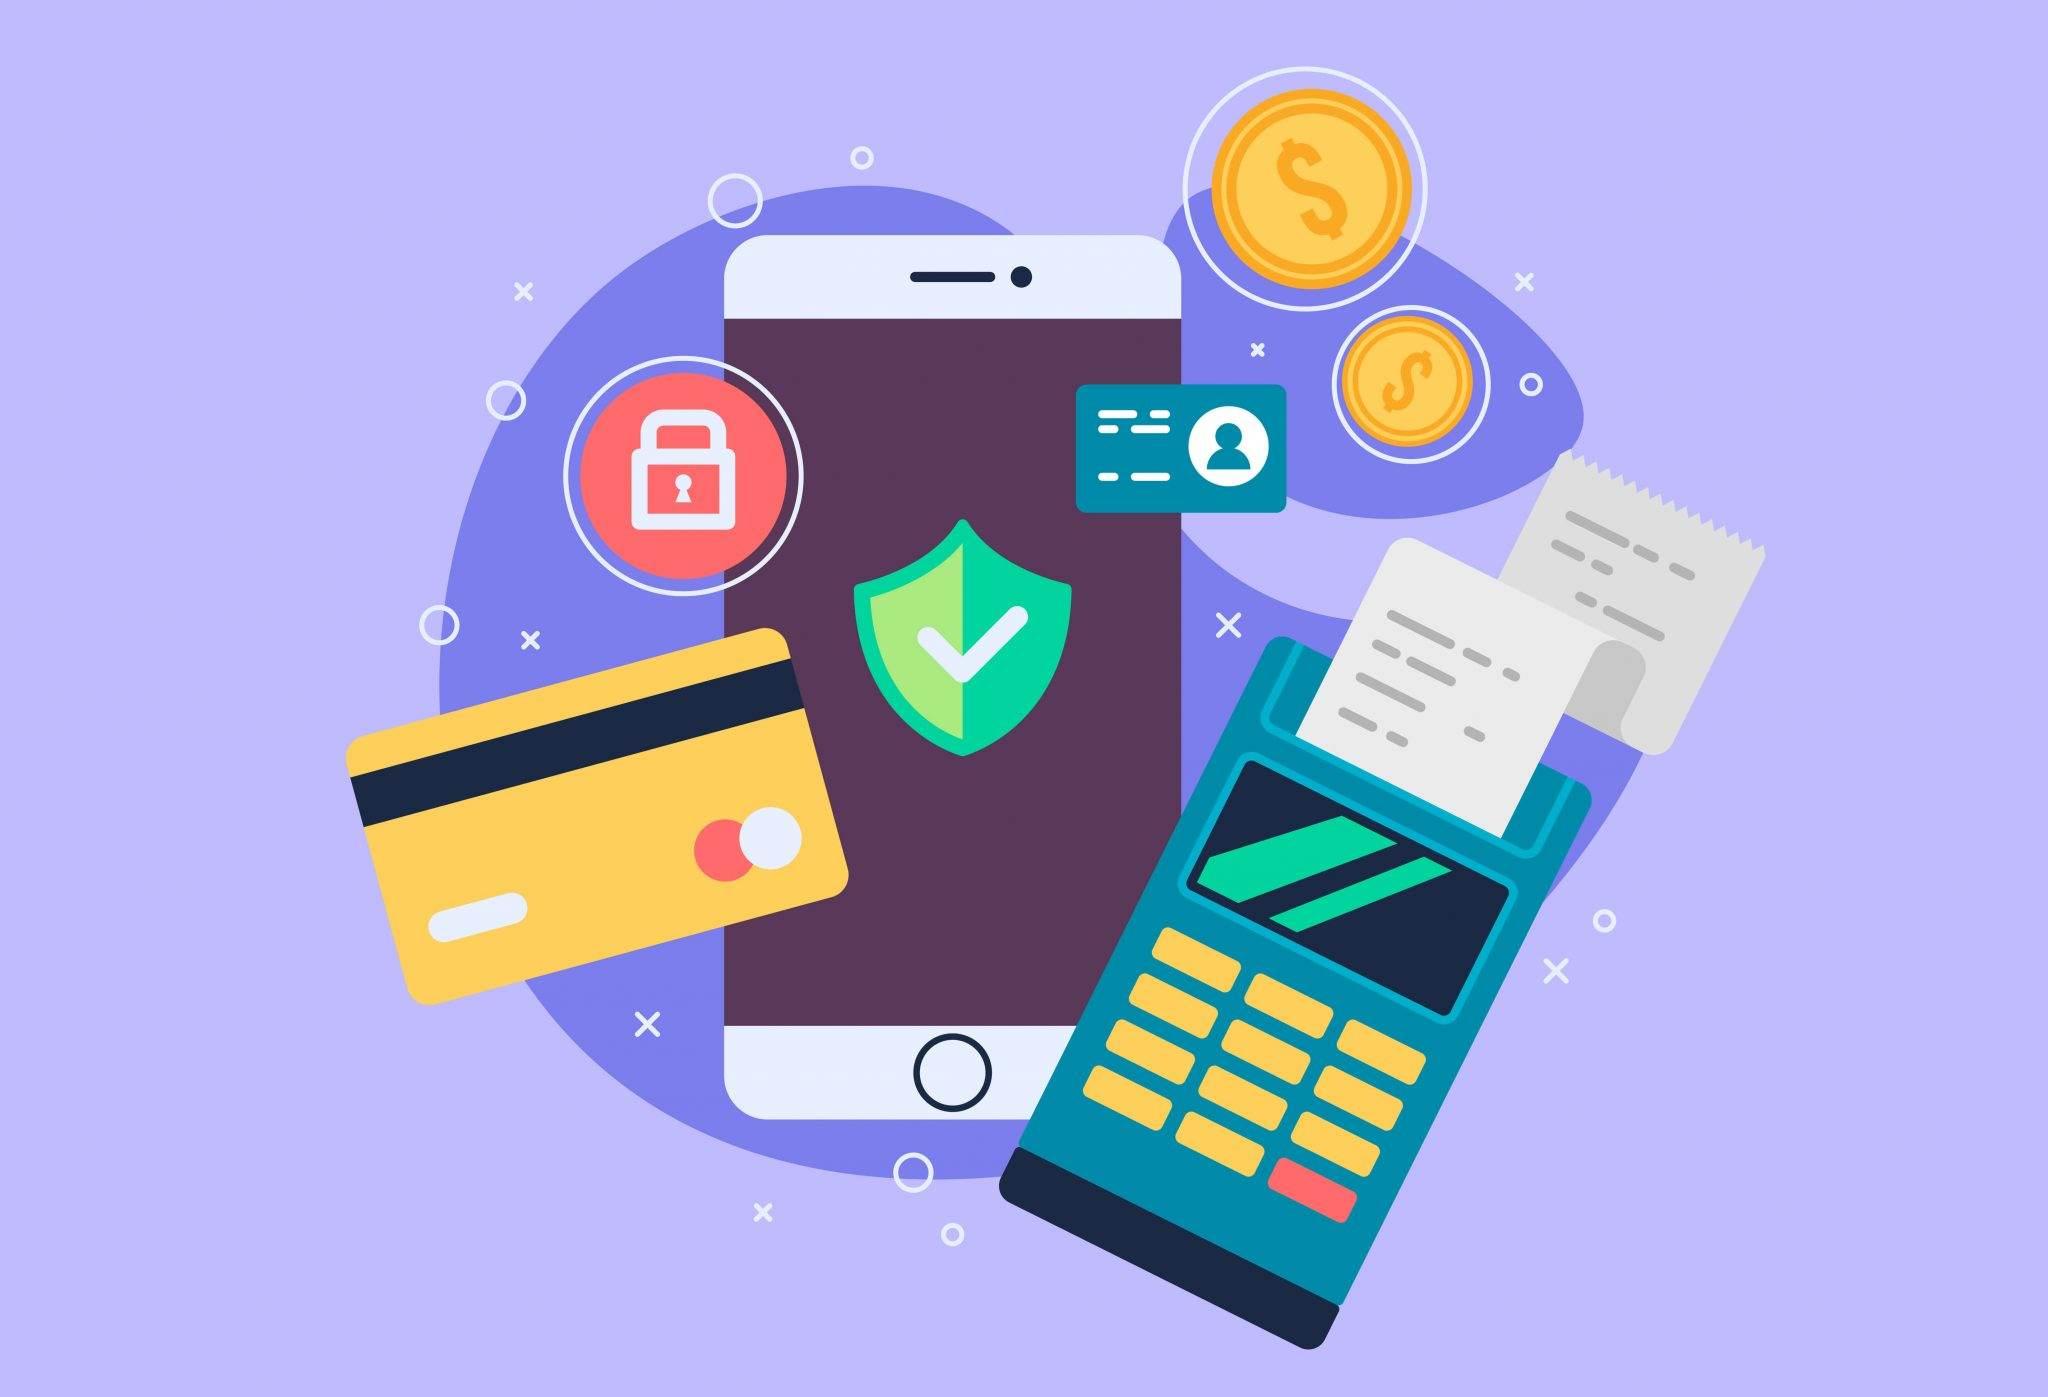 O pagamento é uma das etapas da compra que mais coloca em risco a confiança do consumidor, por isso, é fundamental se atentar a isso